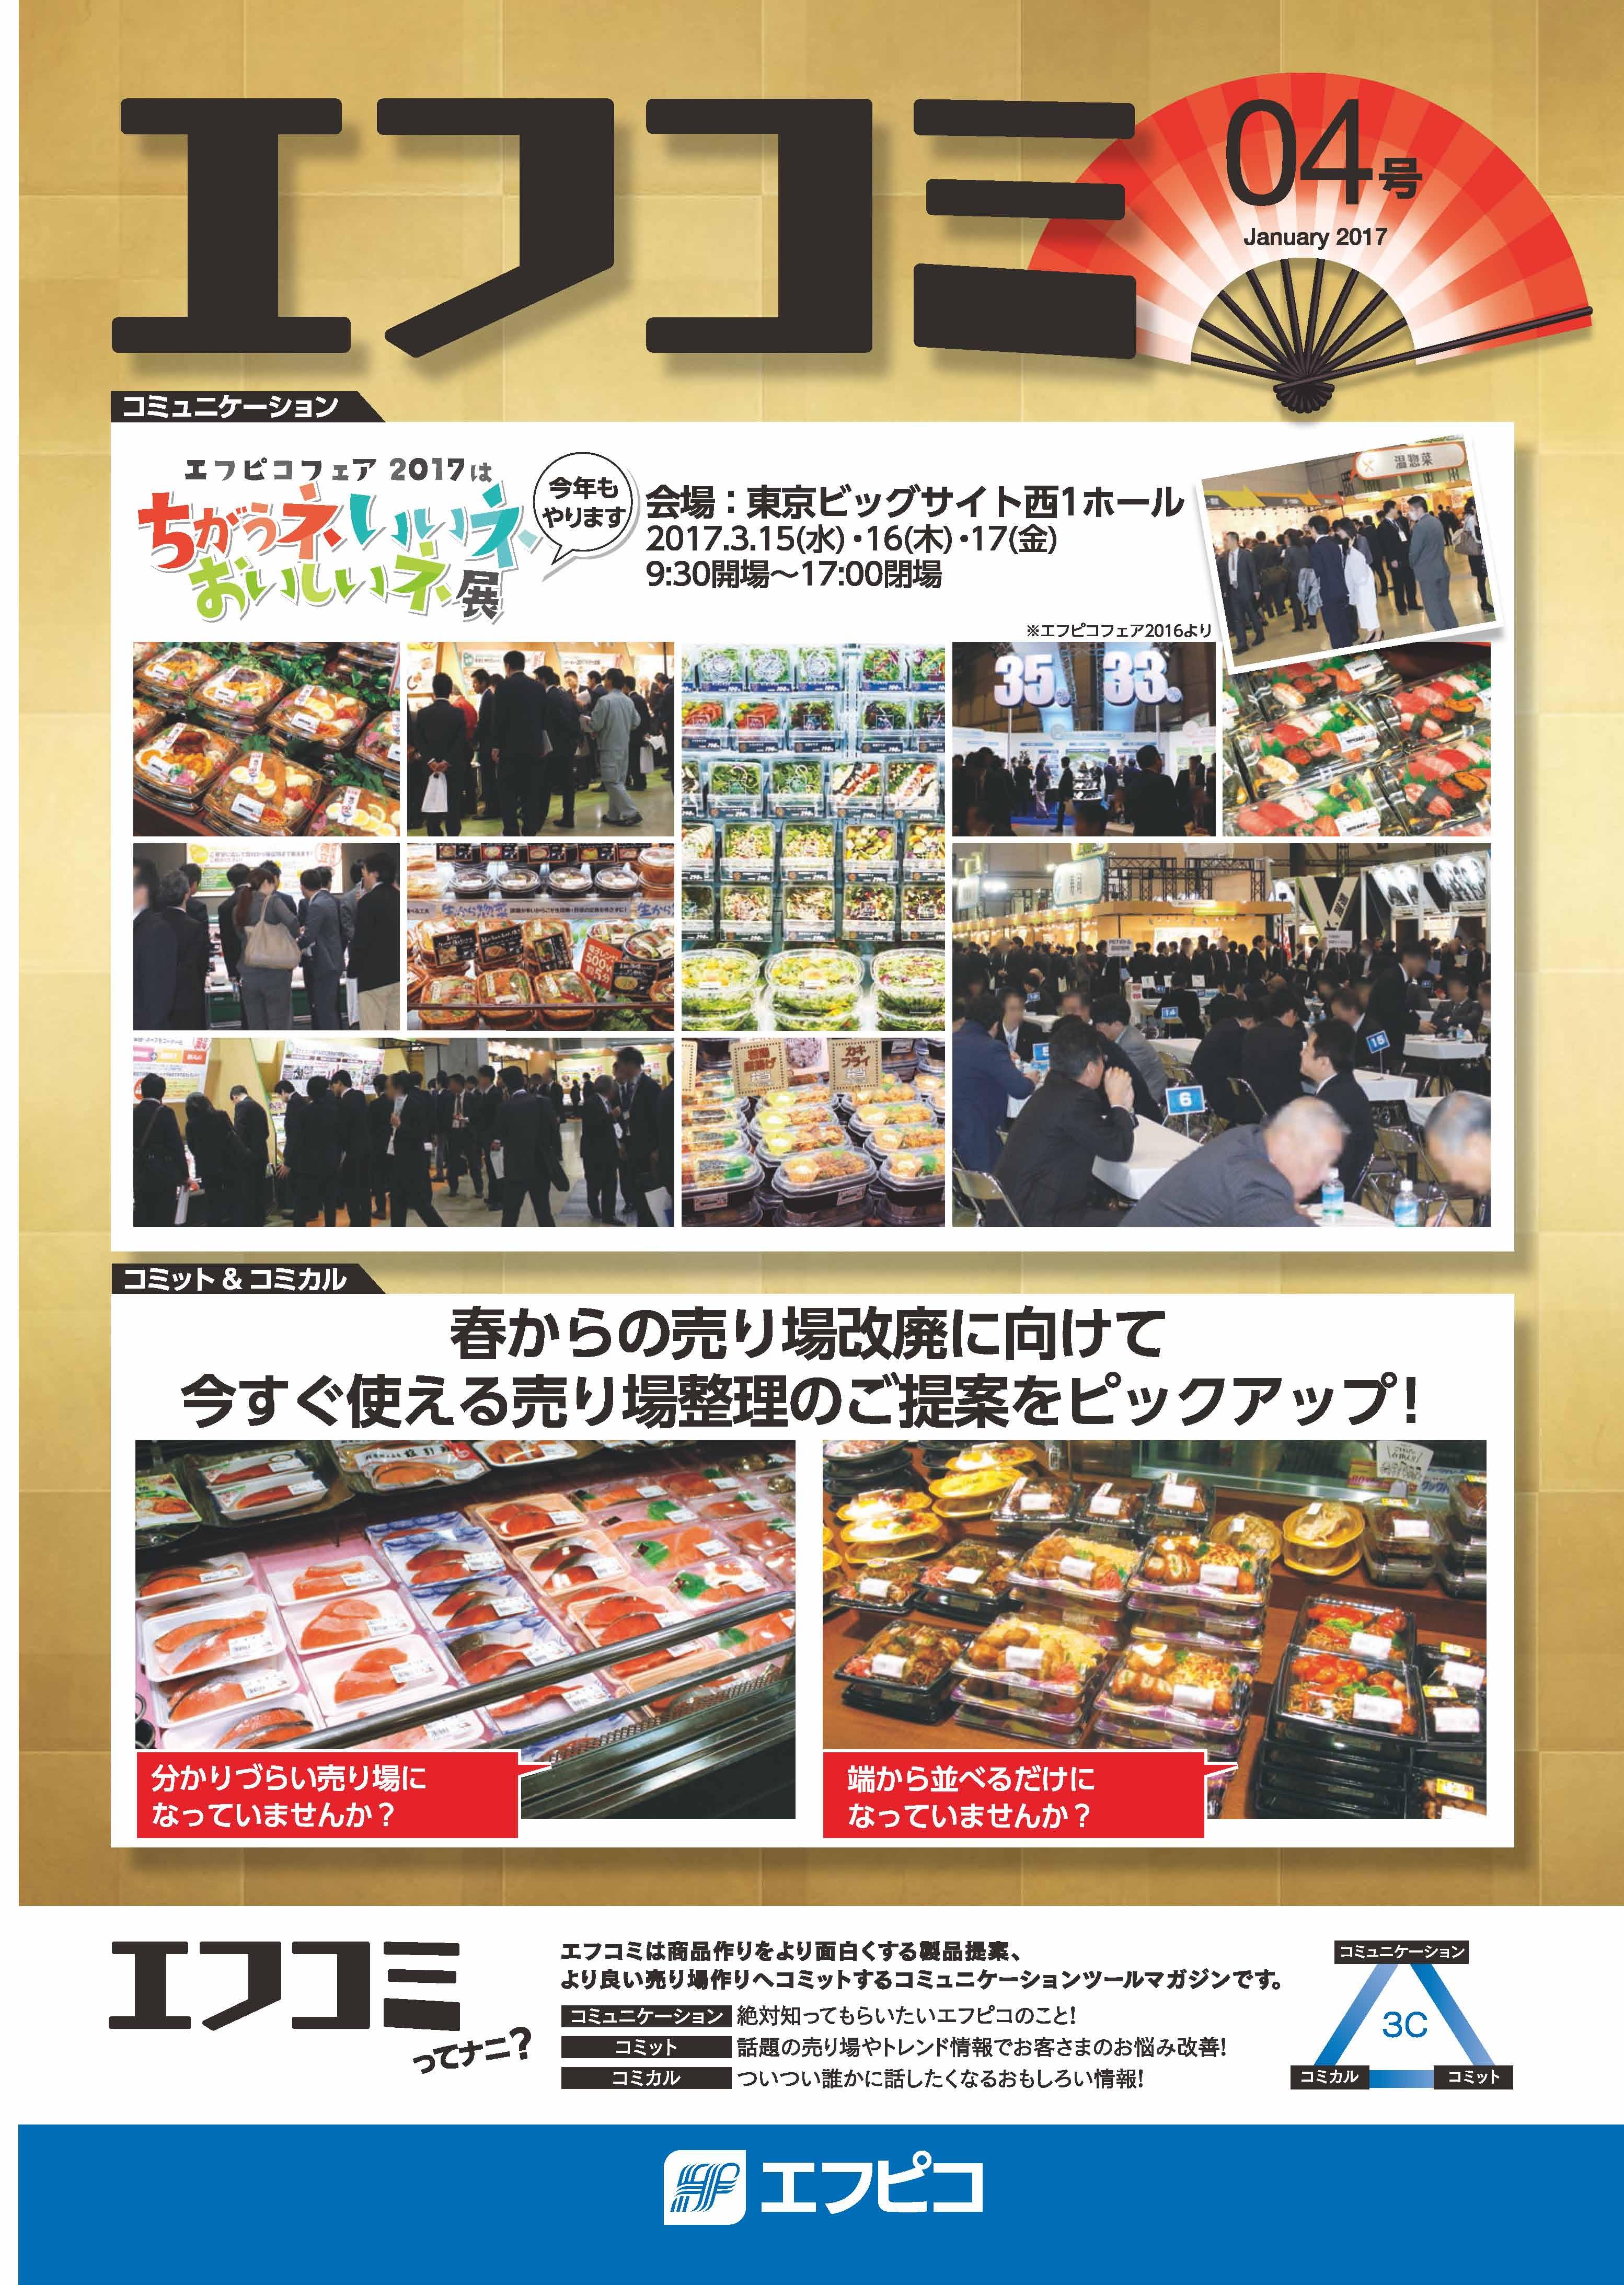 【製品カタログ】エフコミ4号を掲載しました!